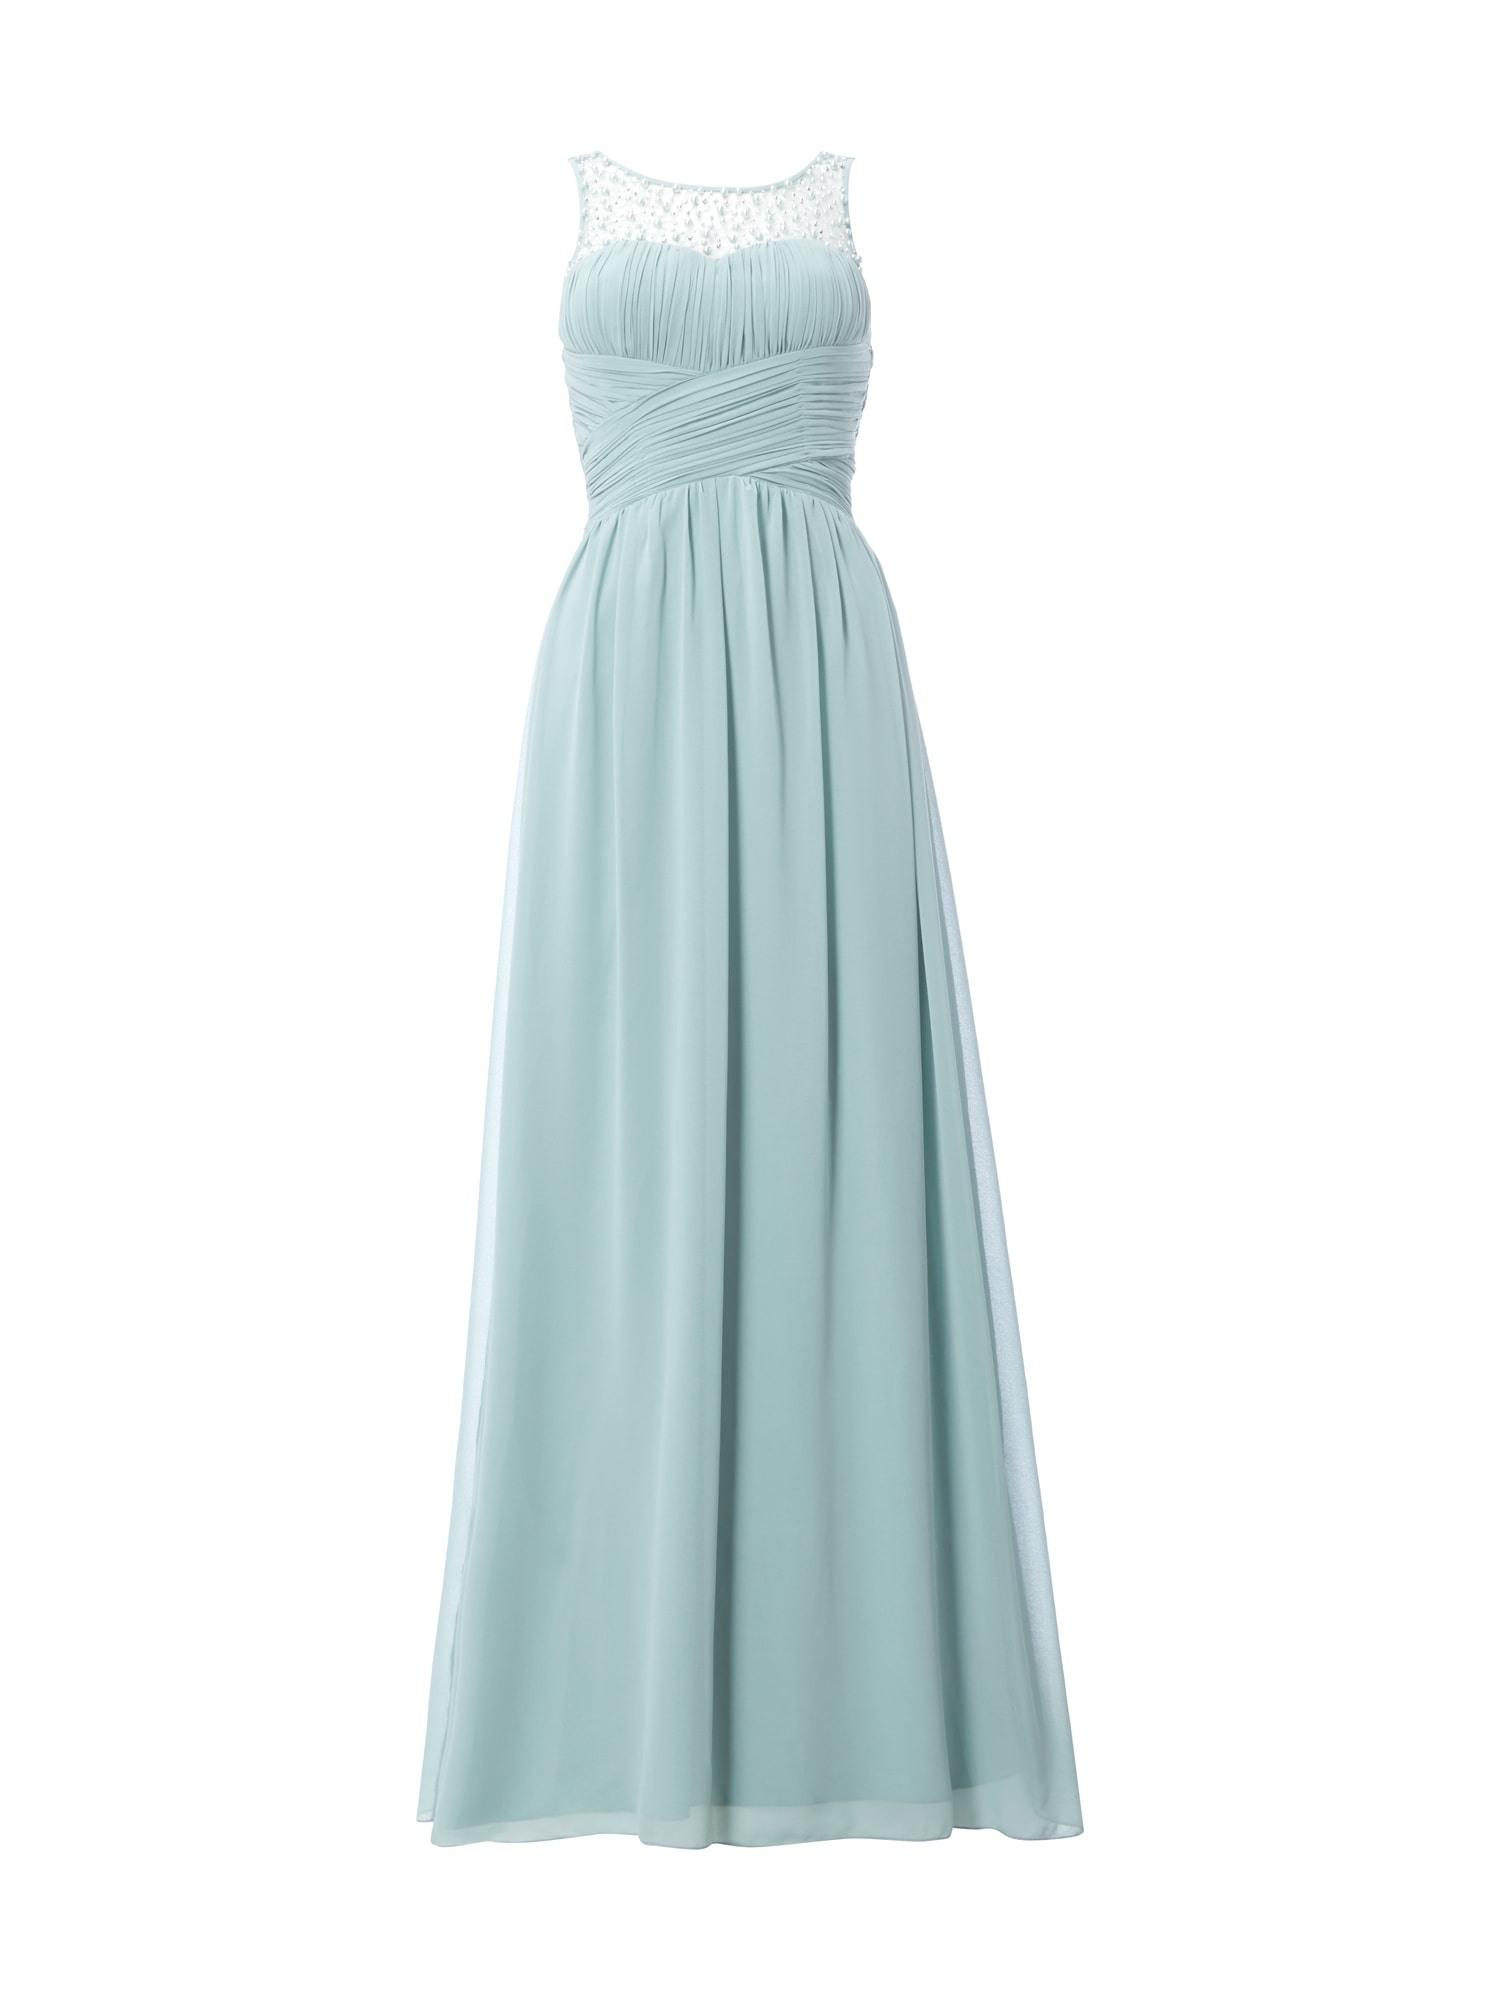 13 Erstaunlich Kleid Abendkleid Bester Preis10 Genial Kleid Abendkleid Ärmel